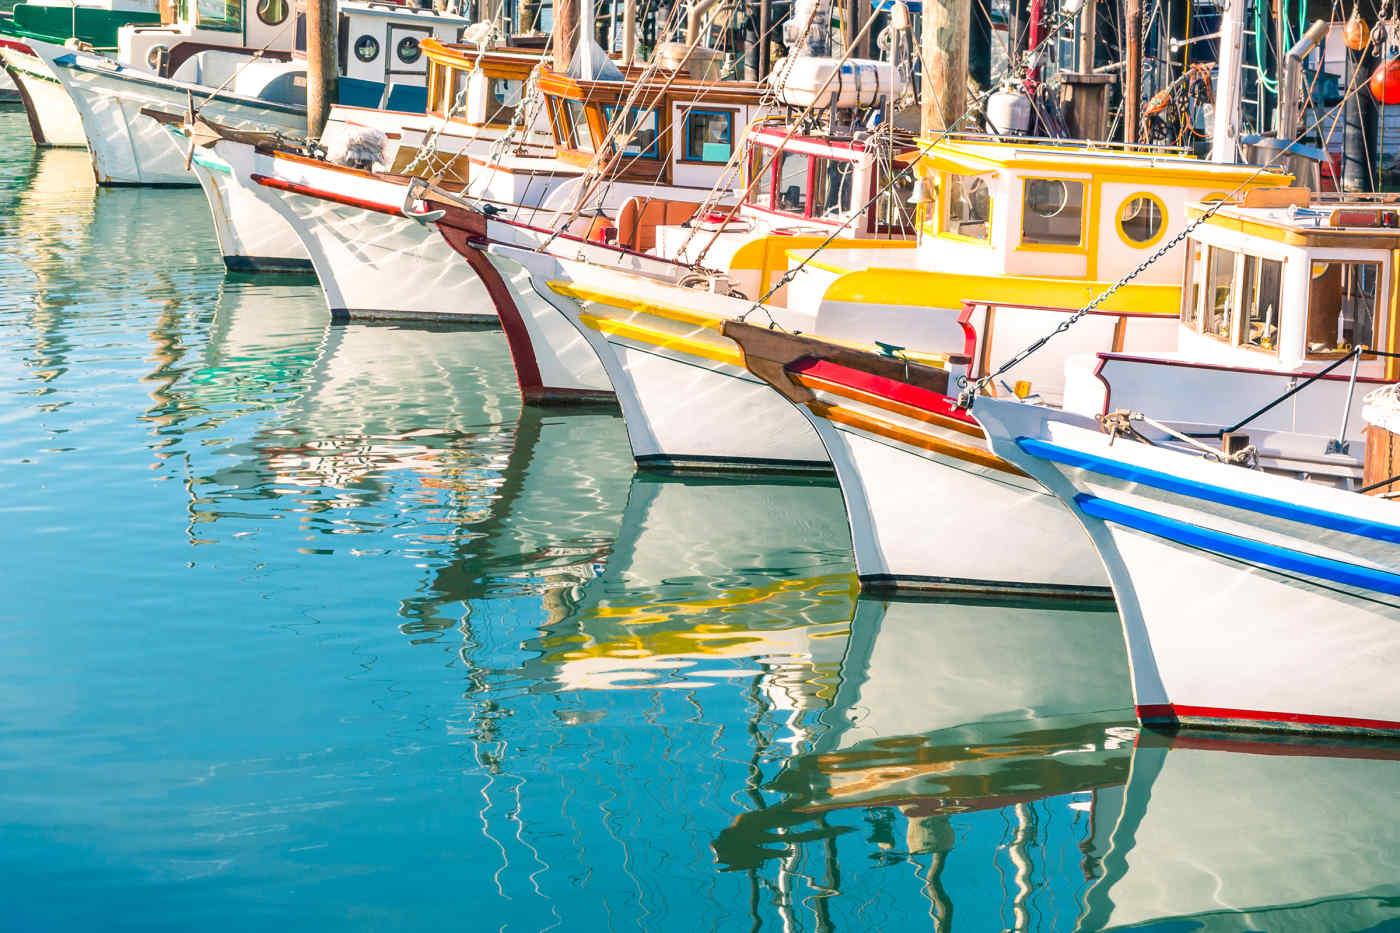 Fishermans Wharf of San Francisco Bay